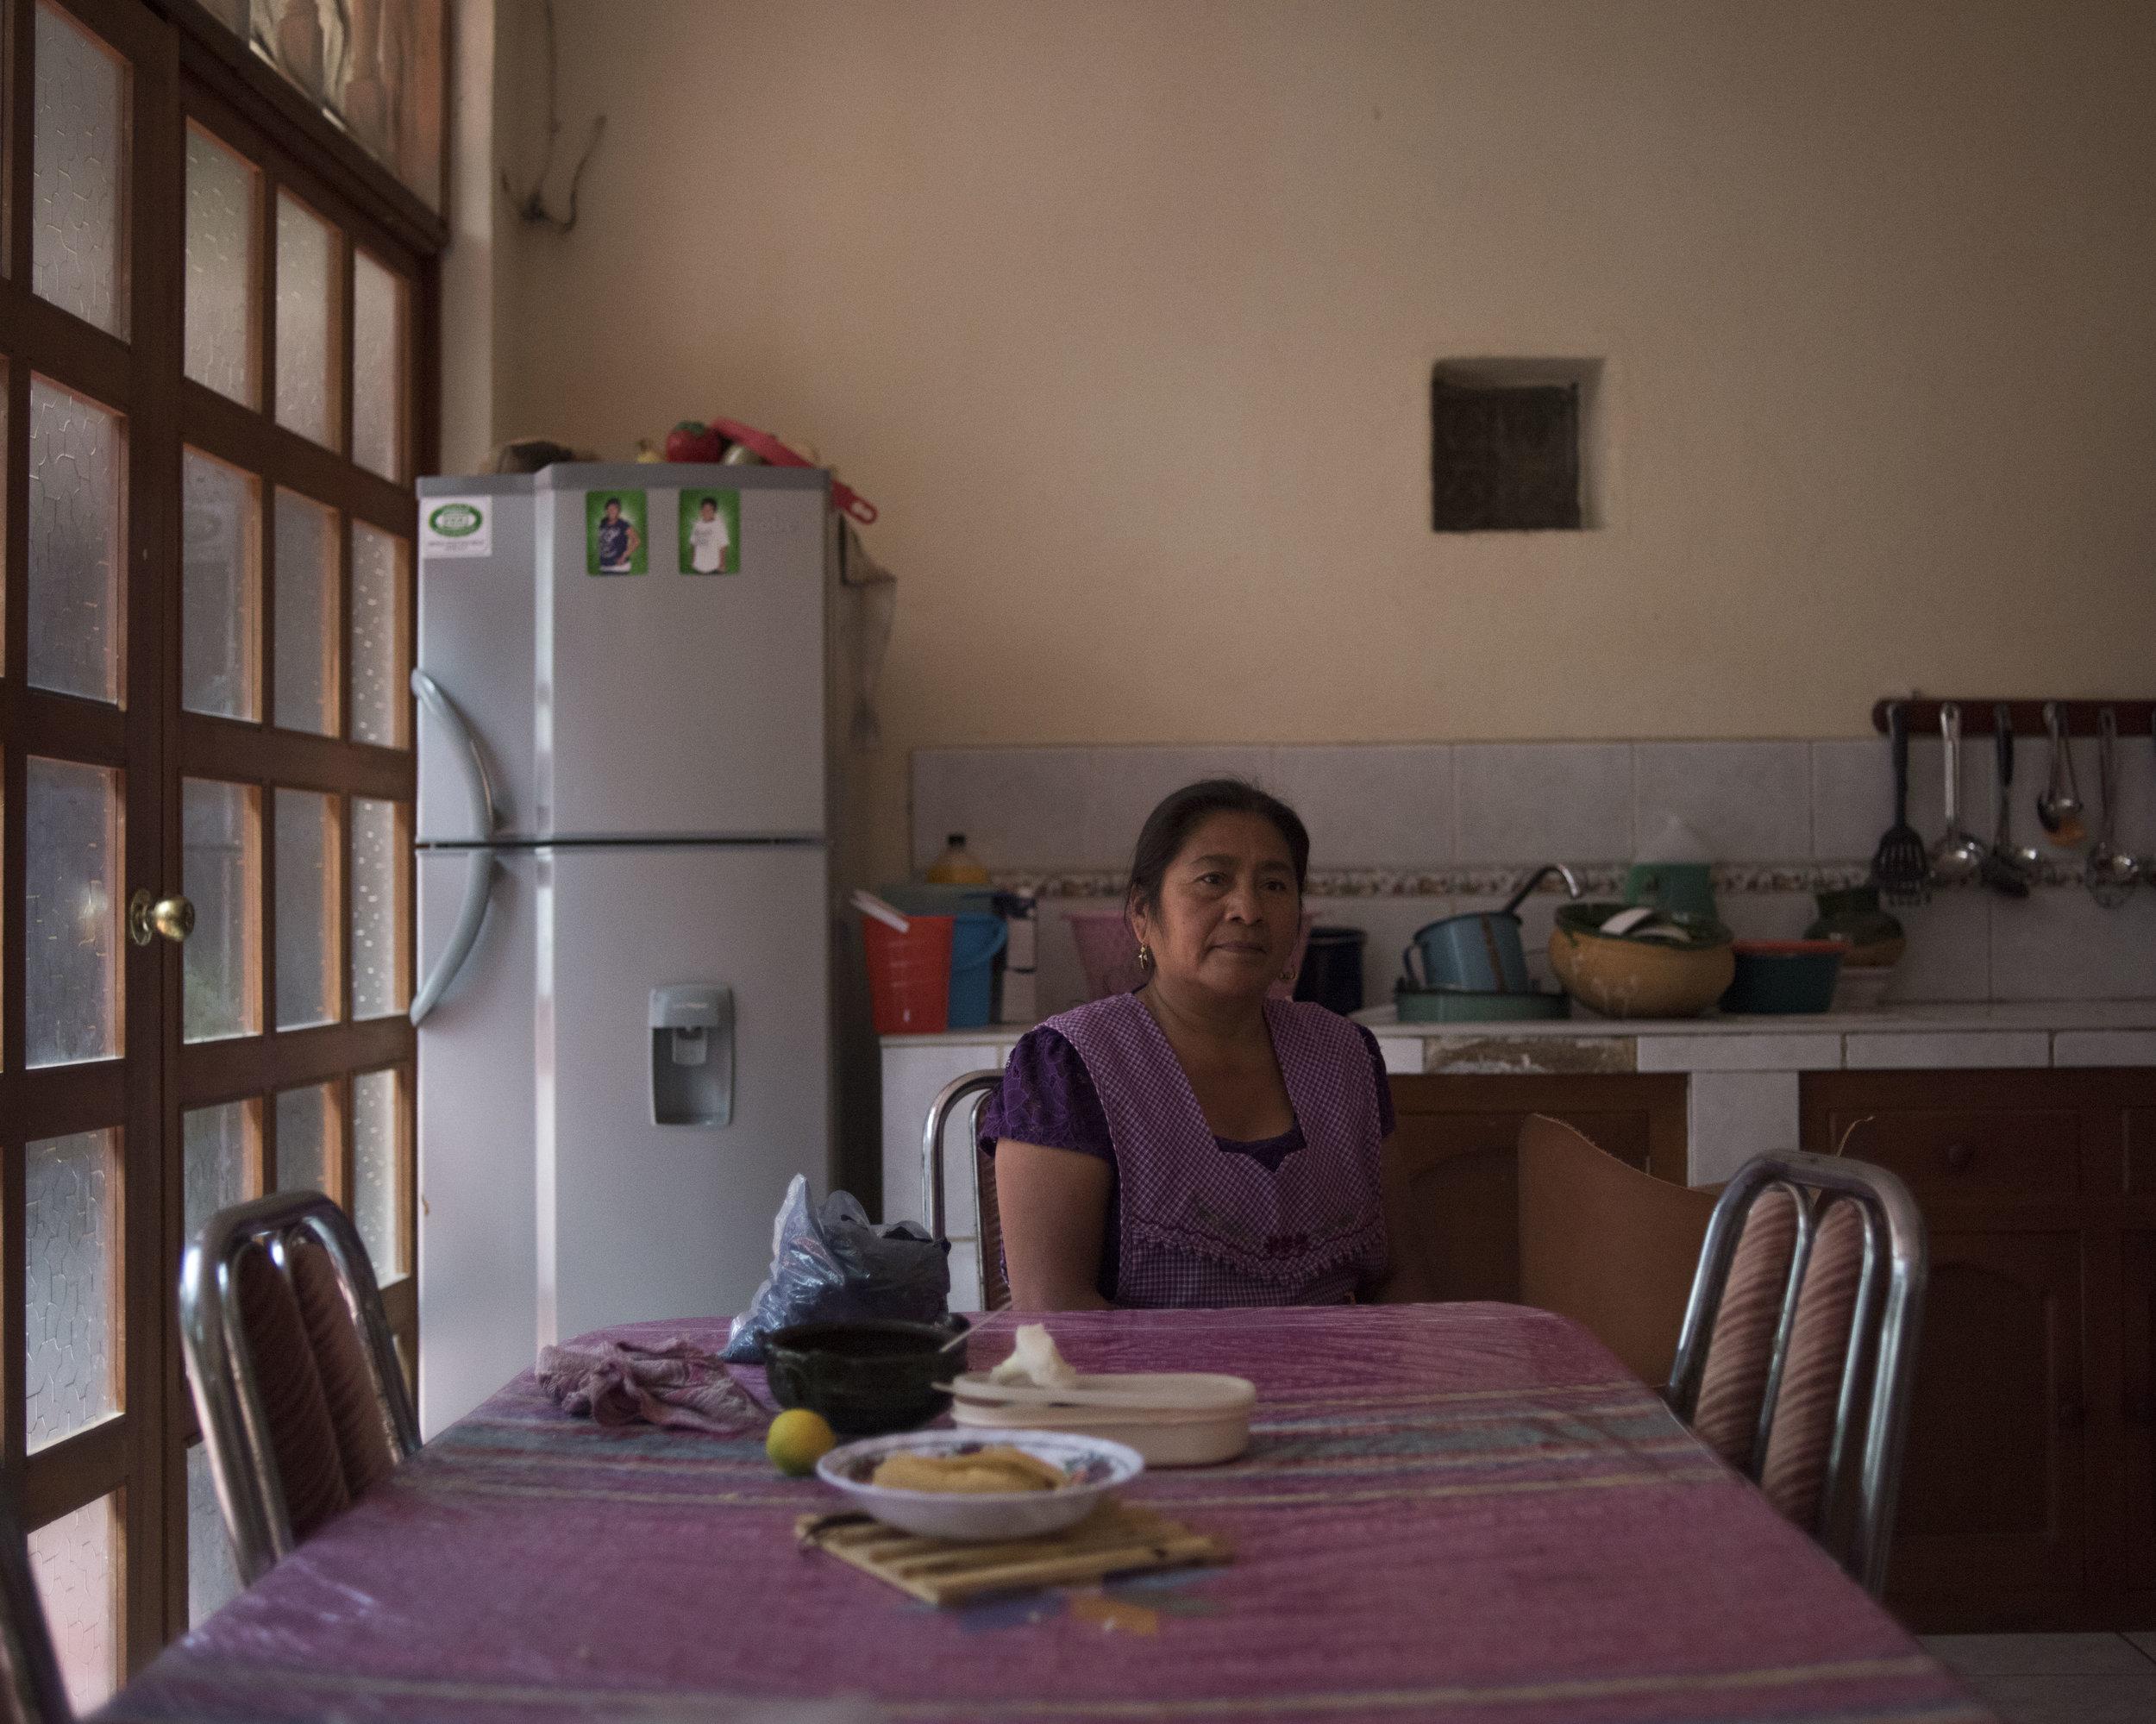 Rafaela Ruiz Gutierrez, Teotitlan, Oax.